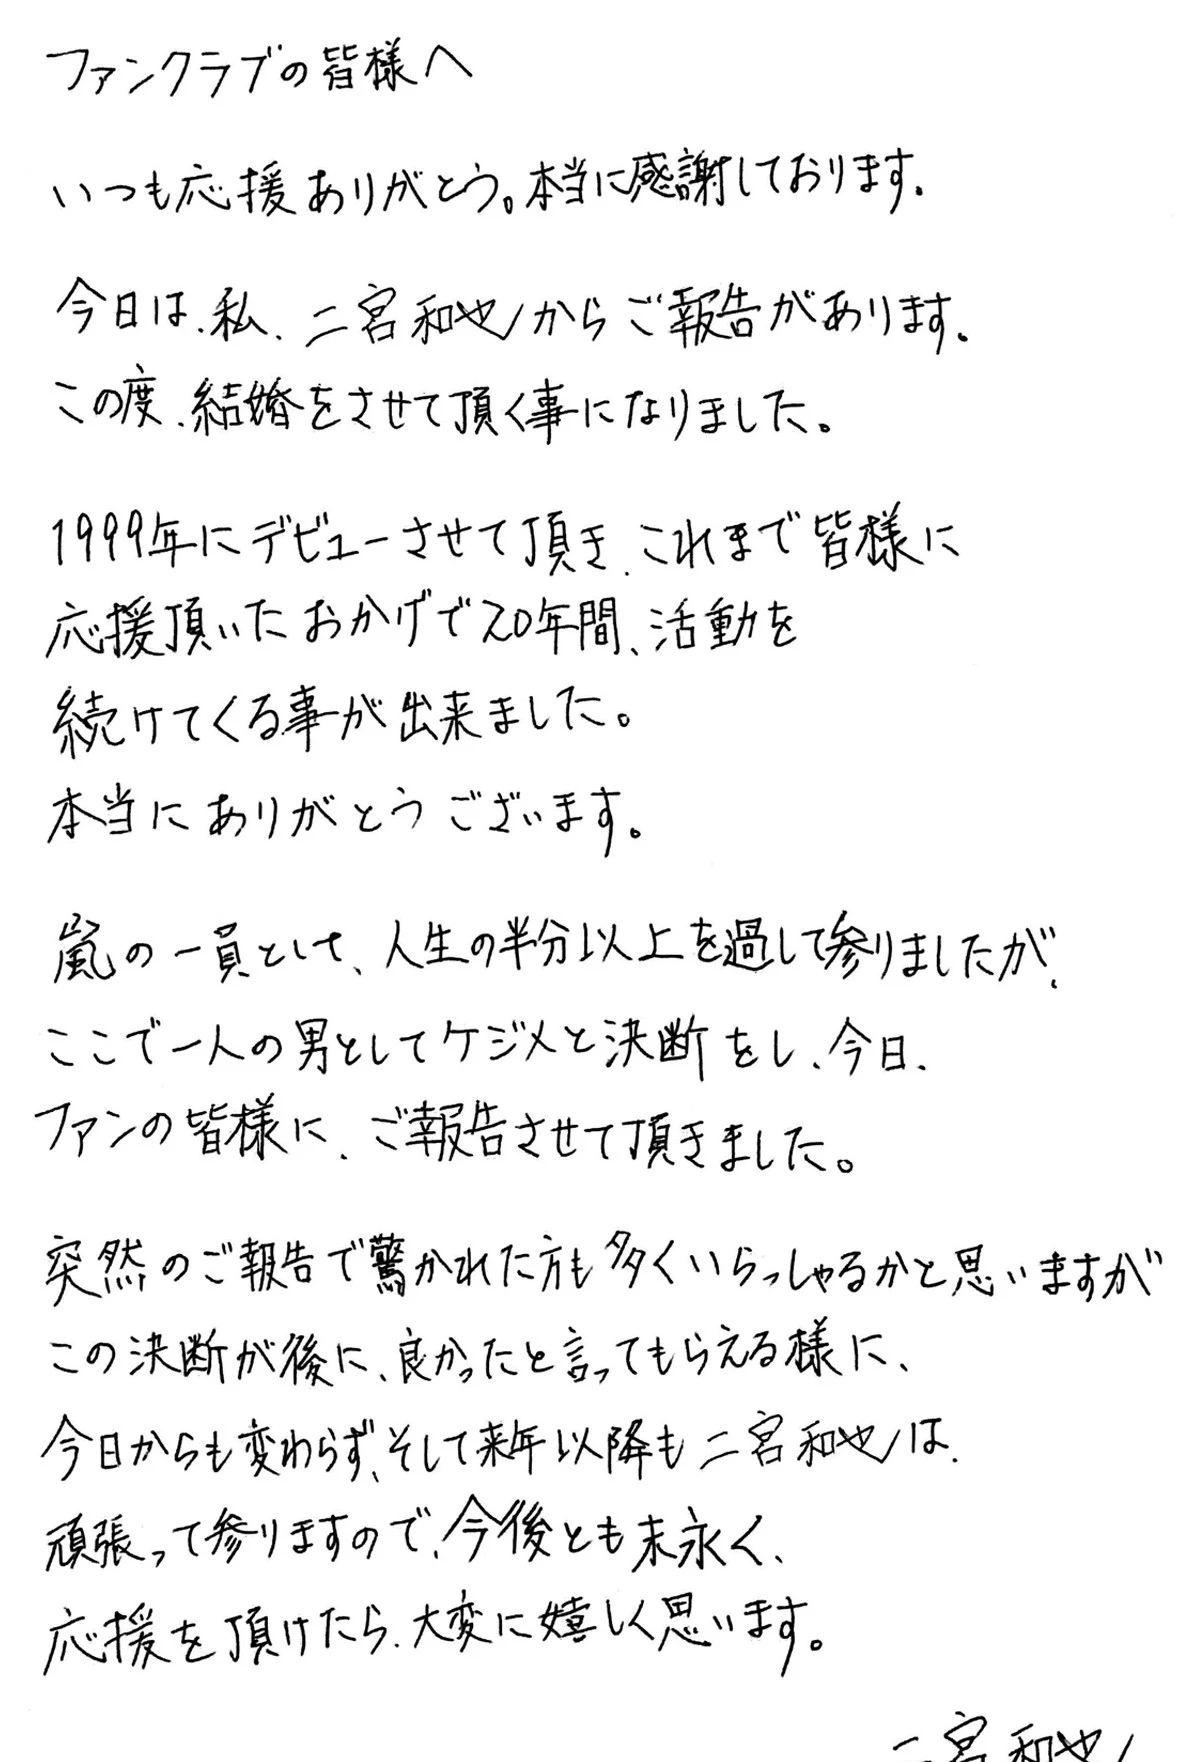 日本爱豆二宫和也升级成为了爸爸没有想到成为岚里面第一个爸爸 (7)